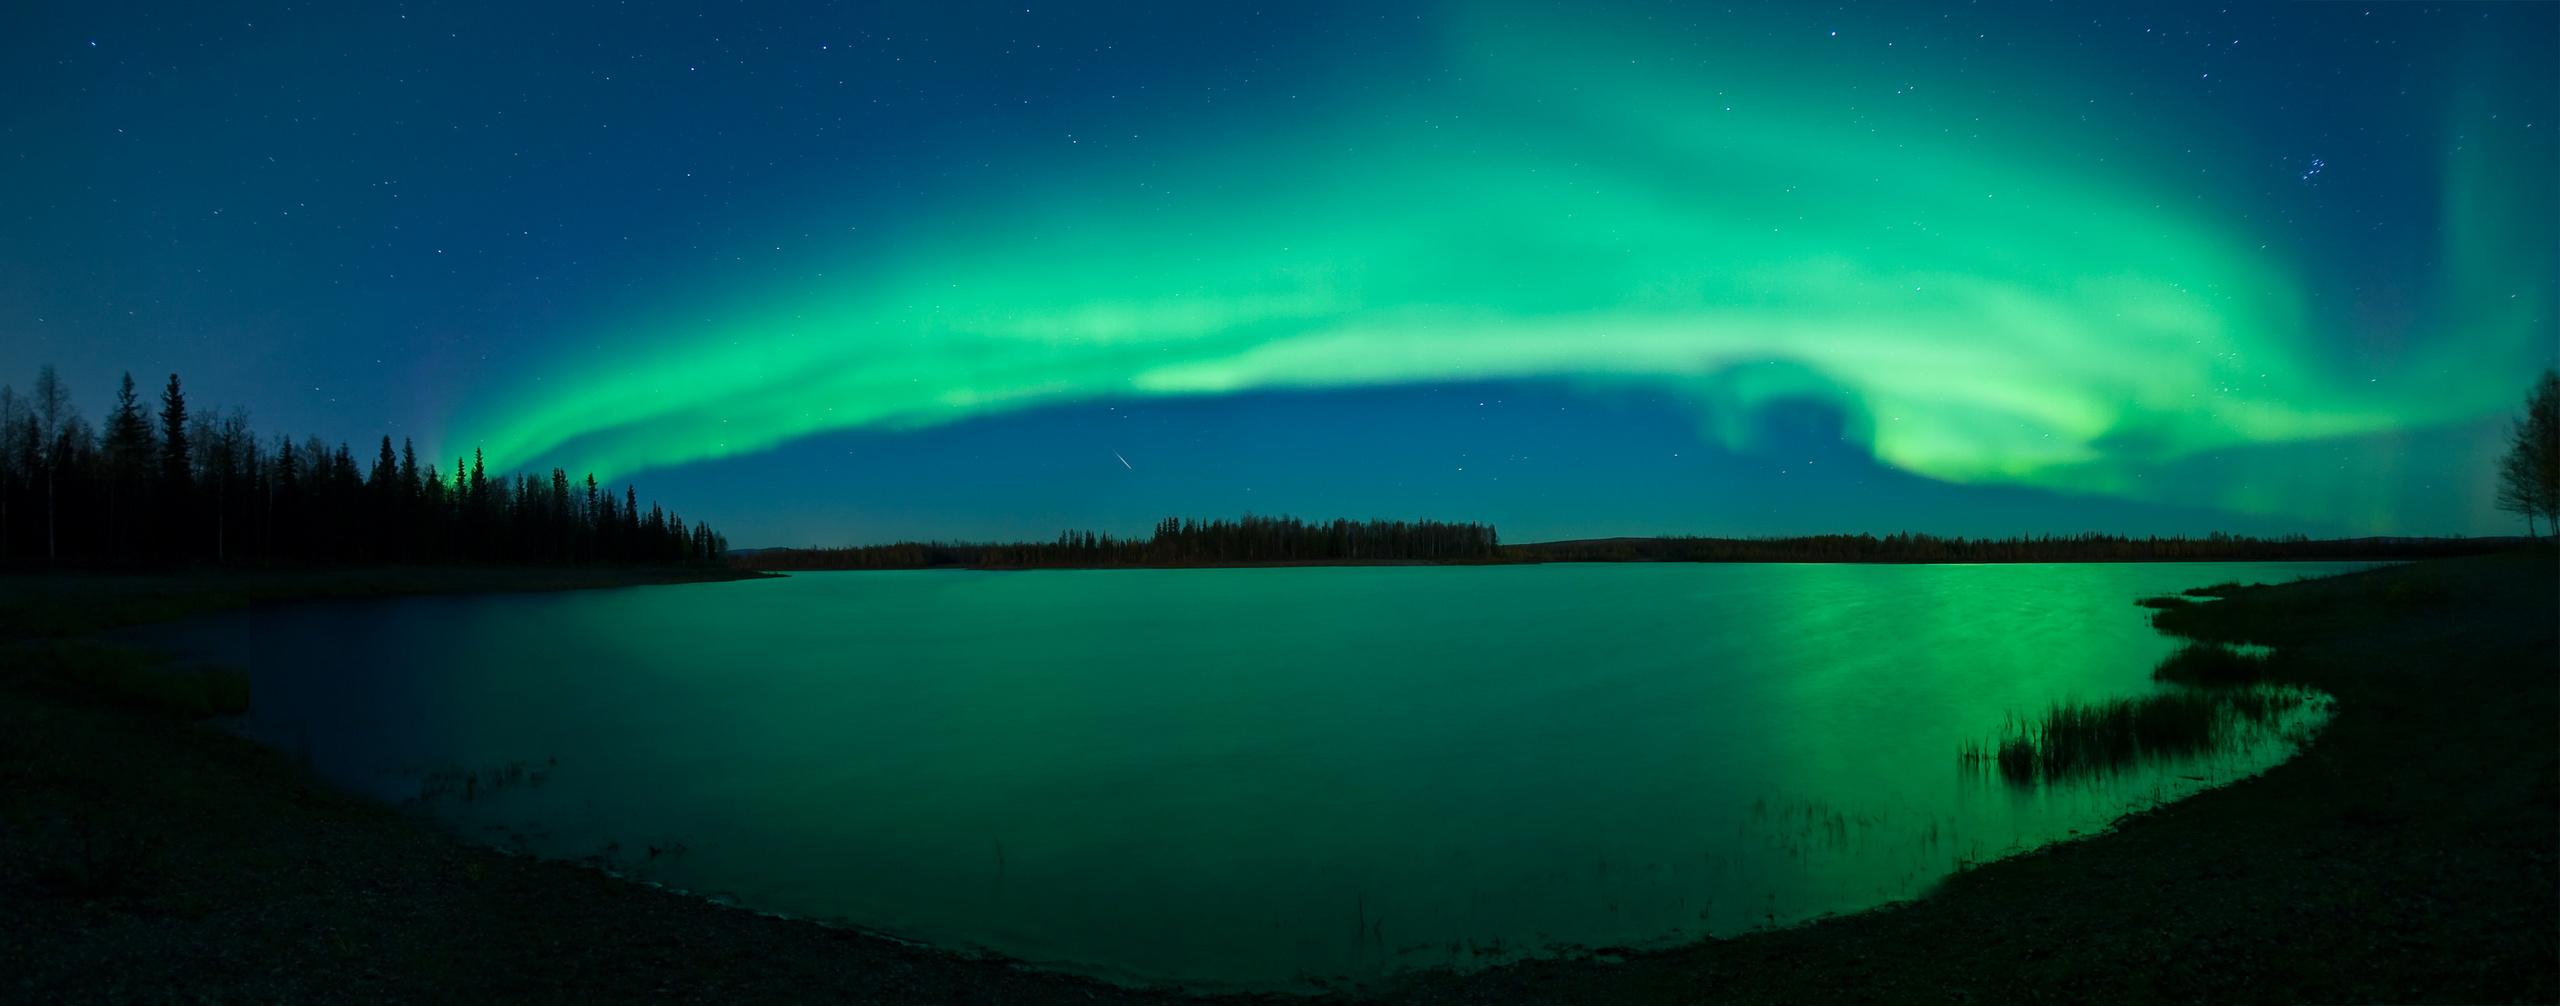 borealis alaska aura hd - photo #17